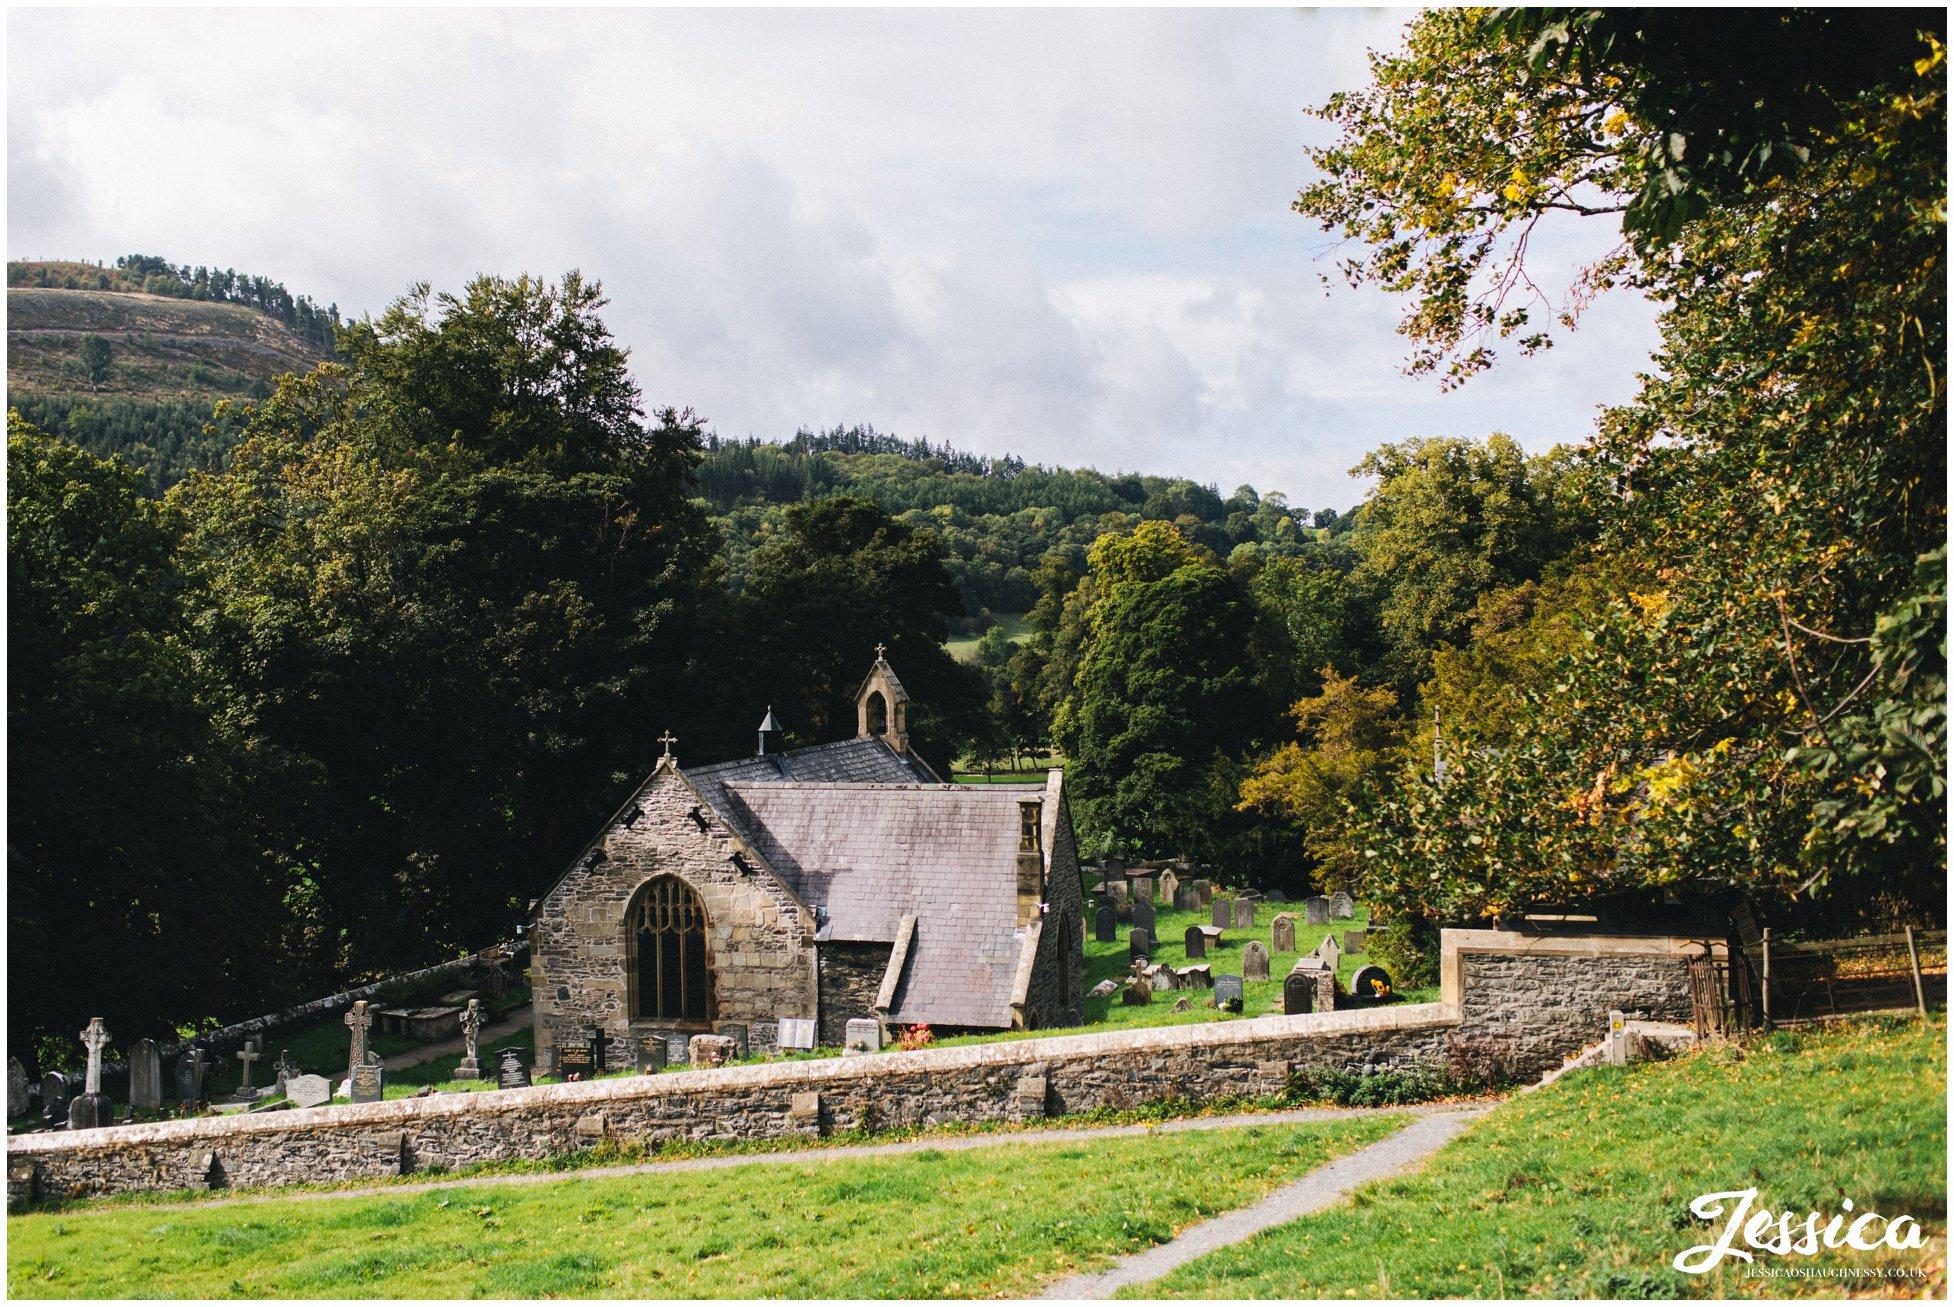 Llantysilio church in llangollen, north wales